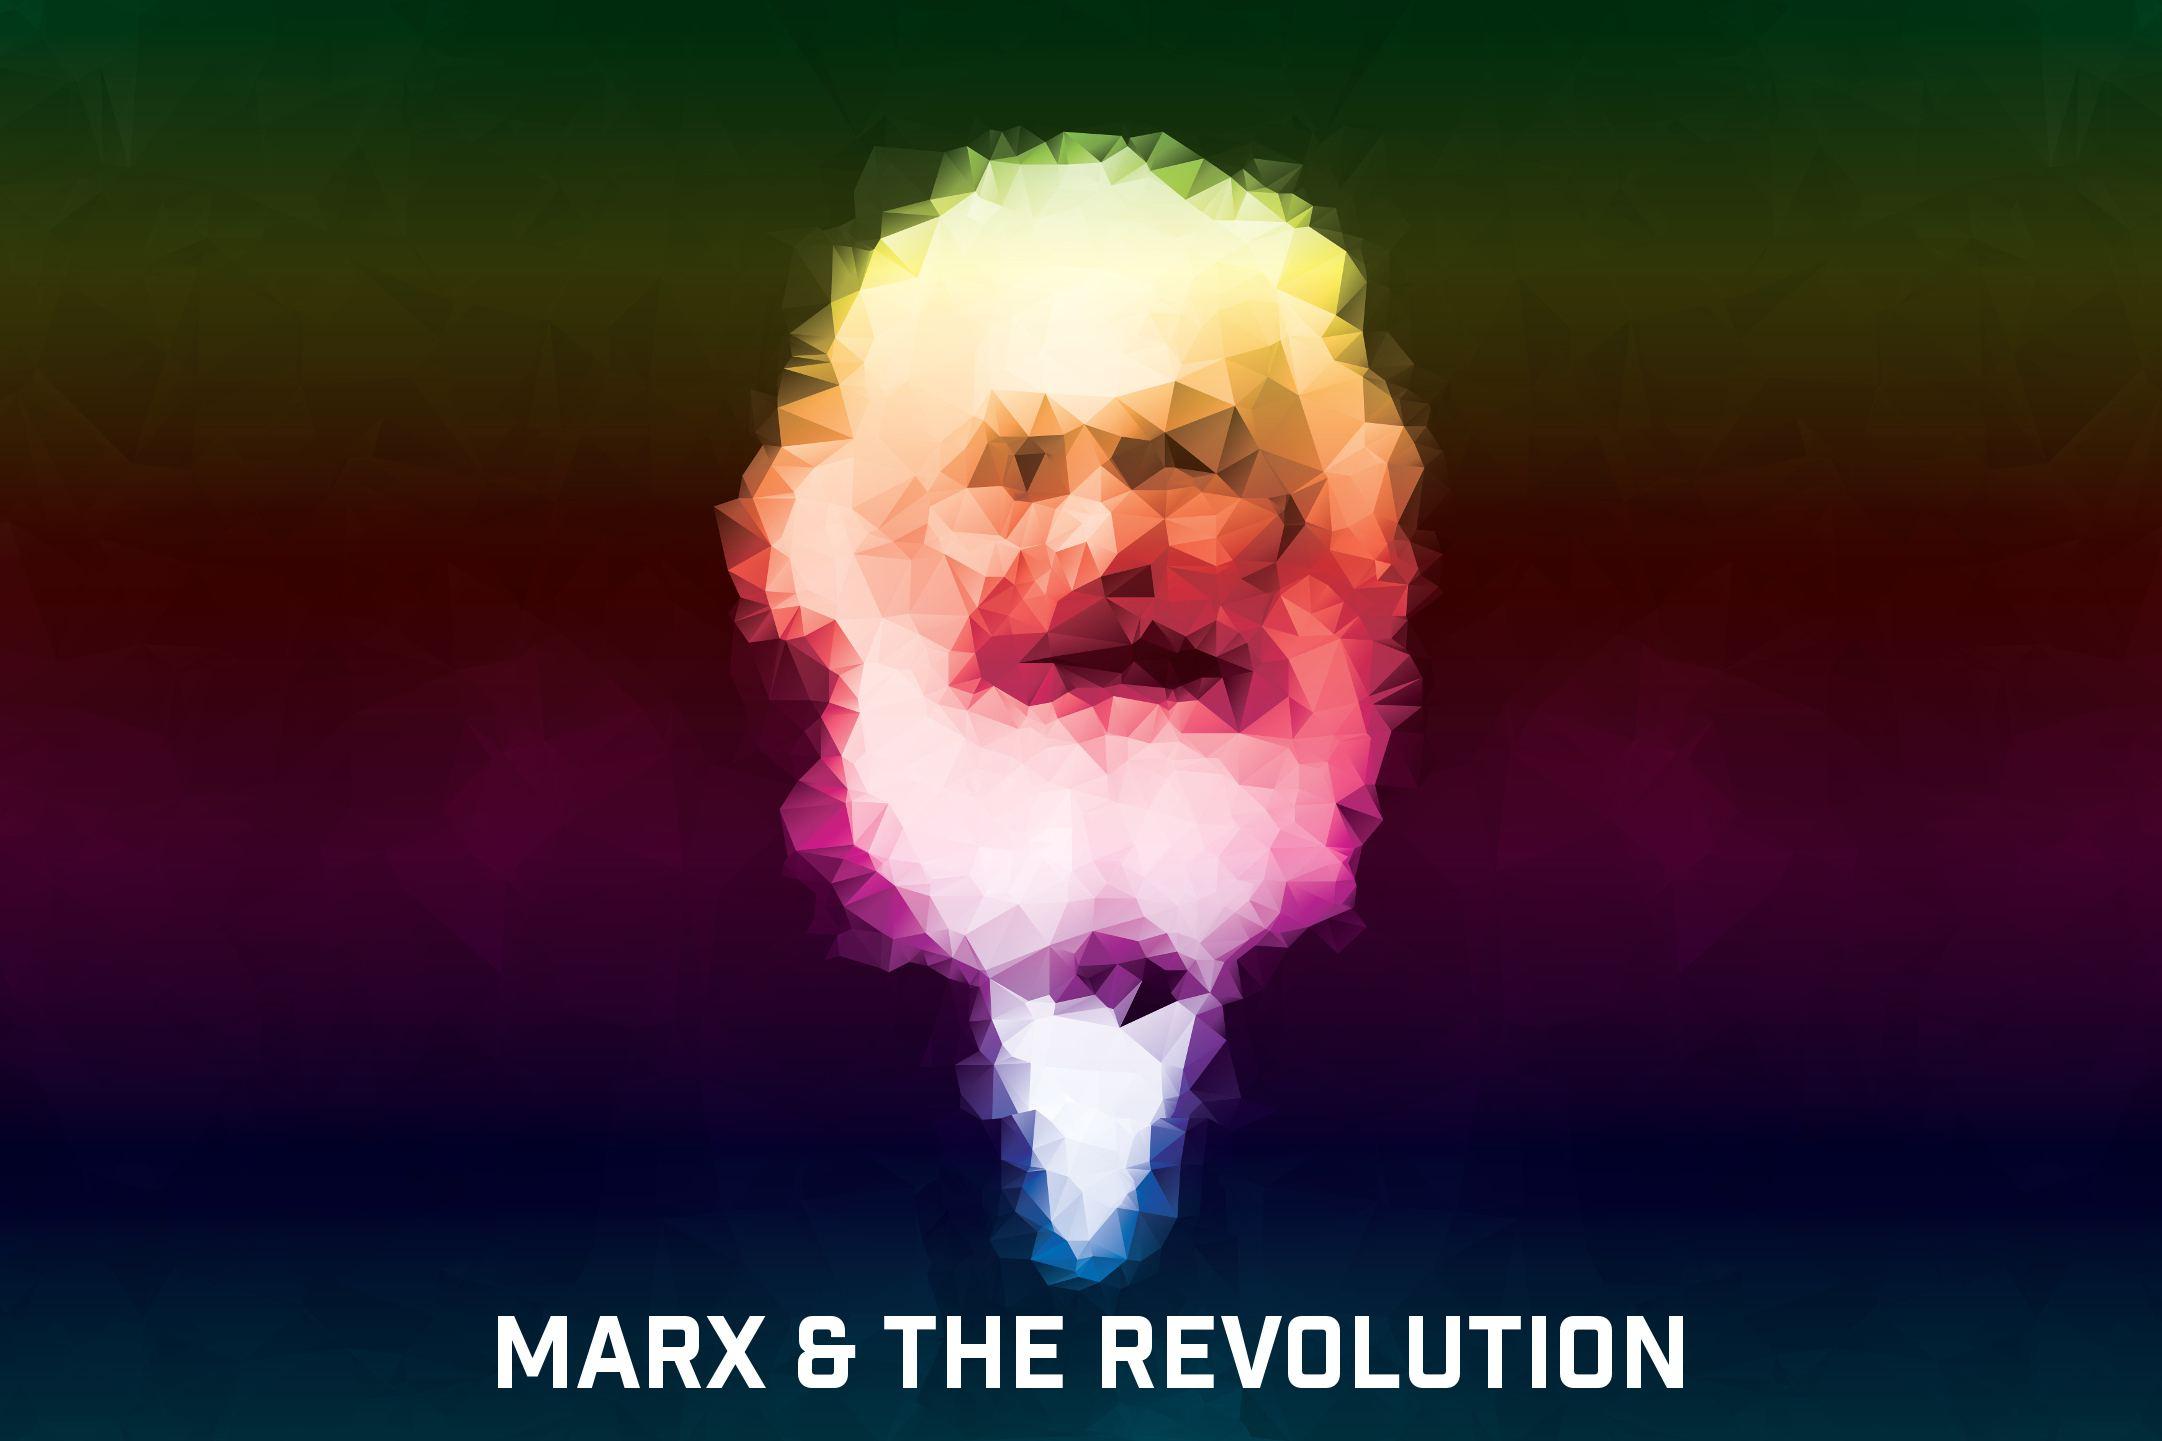 Die Reihe Shorts Attack im Filmraum hat diesmal das Thema Marx & the Revolution. Foto: Shorts Attack